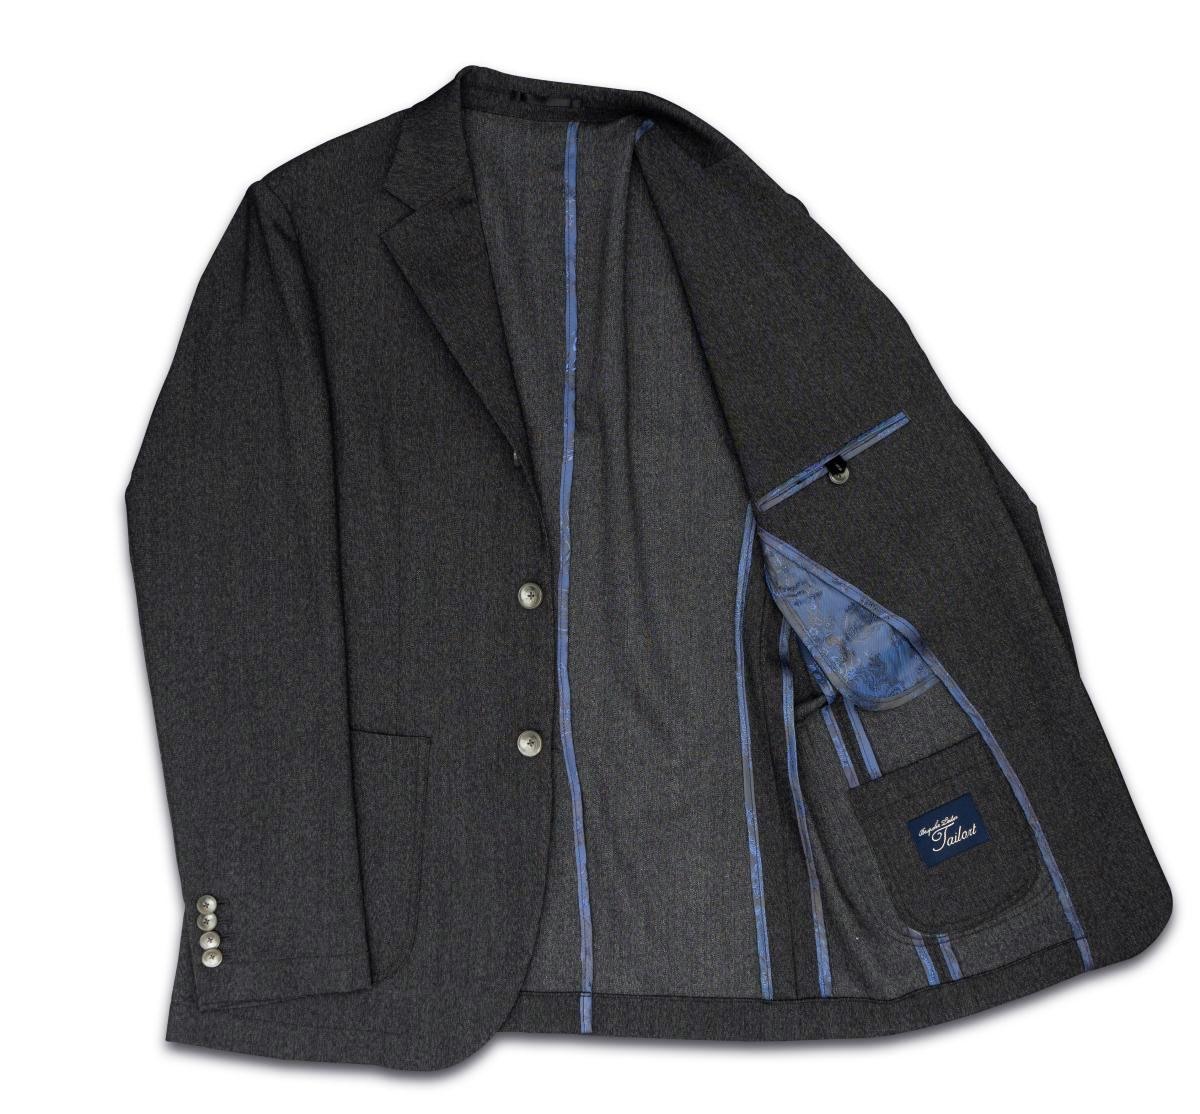 [オーダースーツ]さらっとしたデニム調スーツで、気分転換!